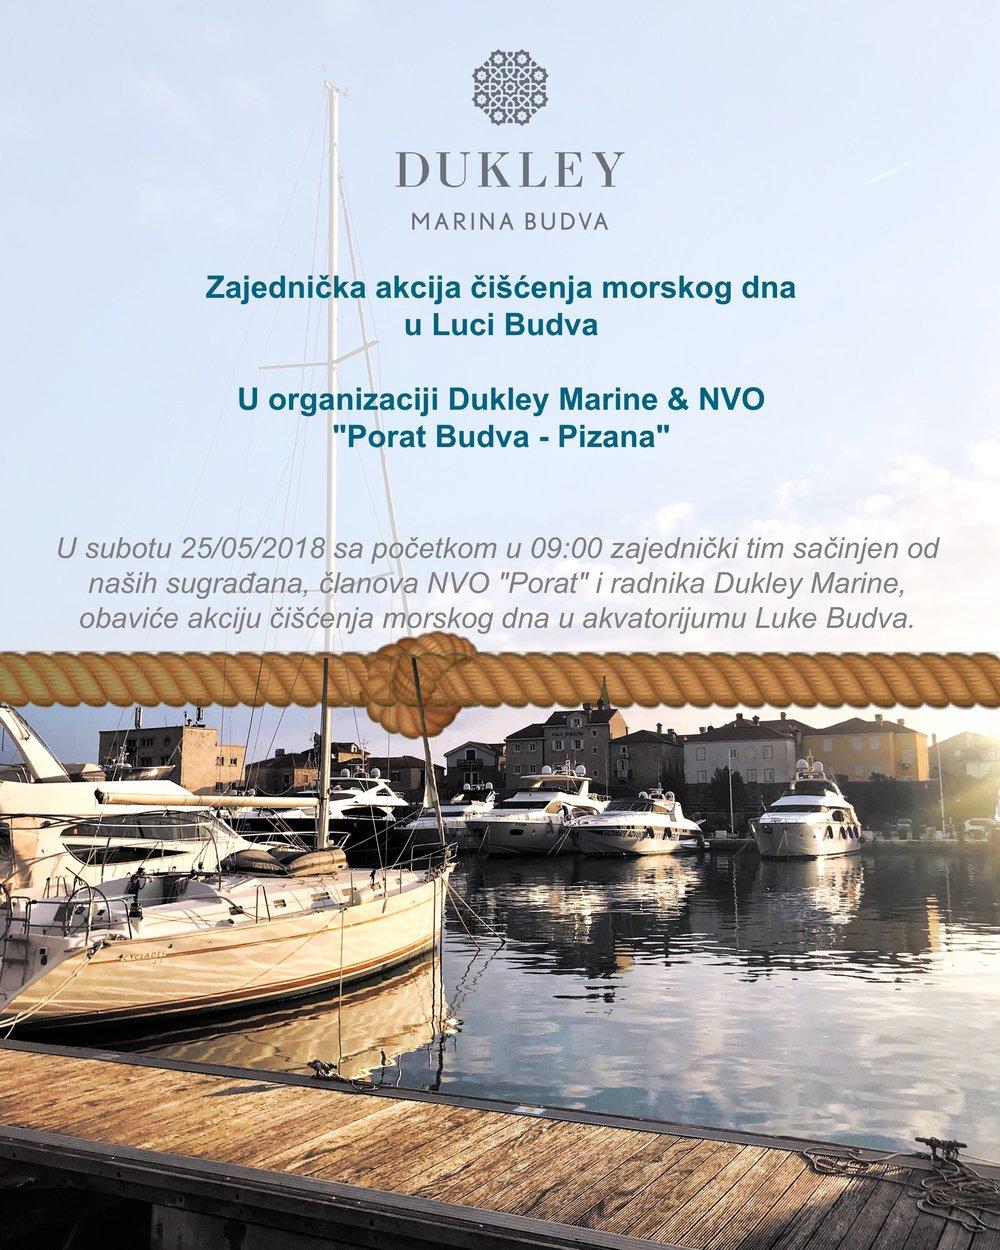 Akcija Ienja Dukley Marina Budva Is Located In The Heart Of The